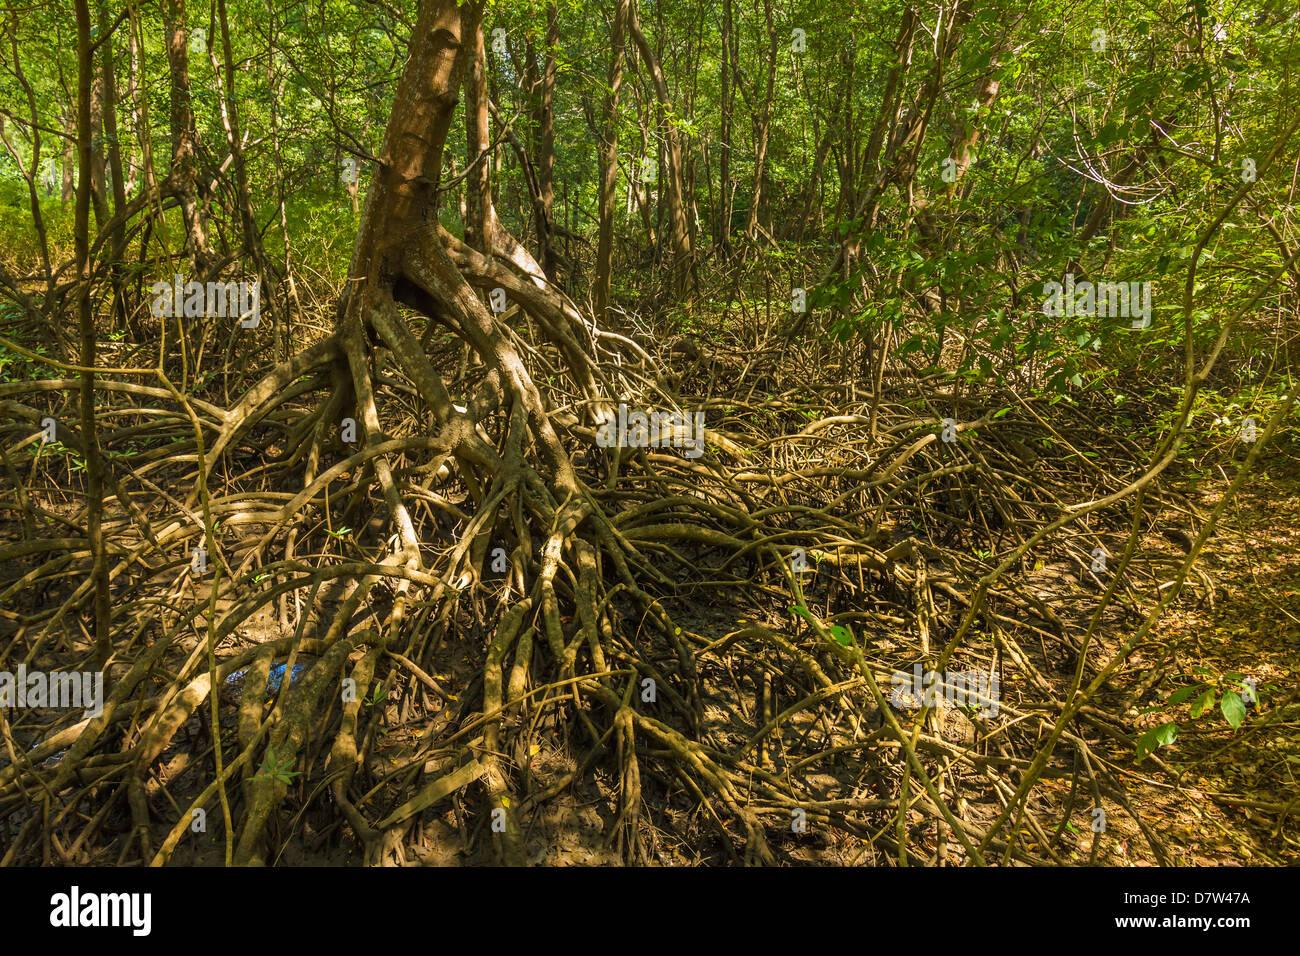 Forêt de mangroves dans la réserve biologique près de l'embouchure de la rivière de Nosara, Photo Stock